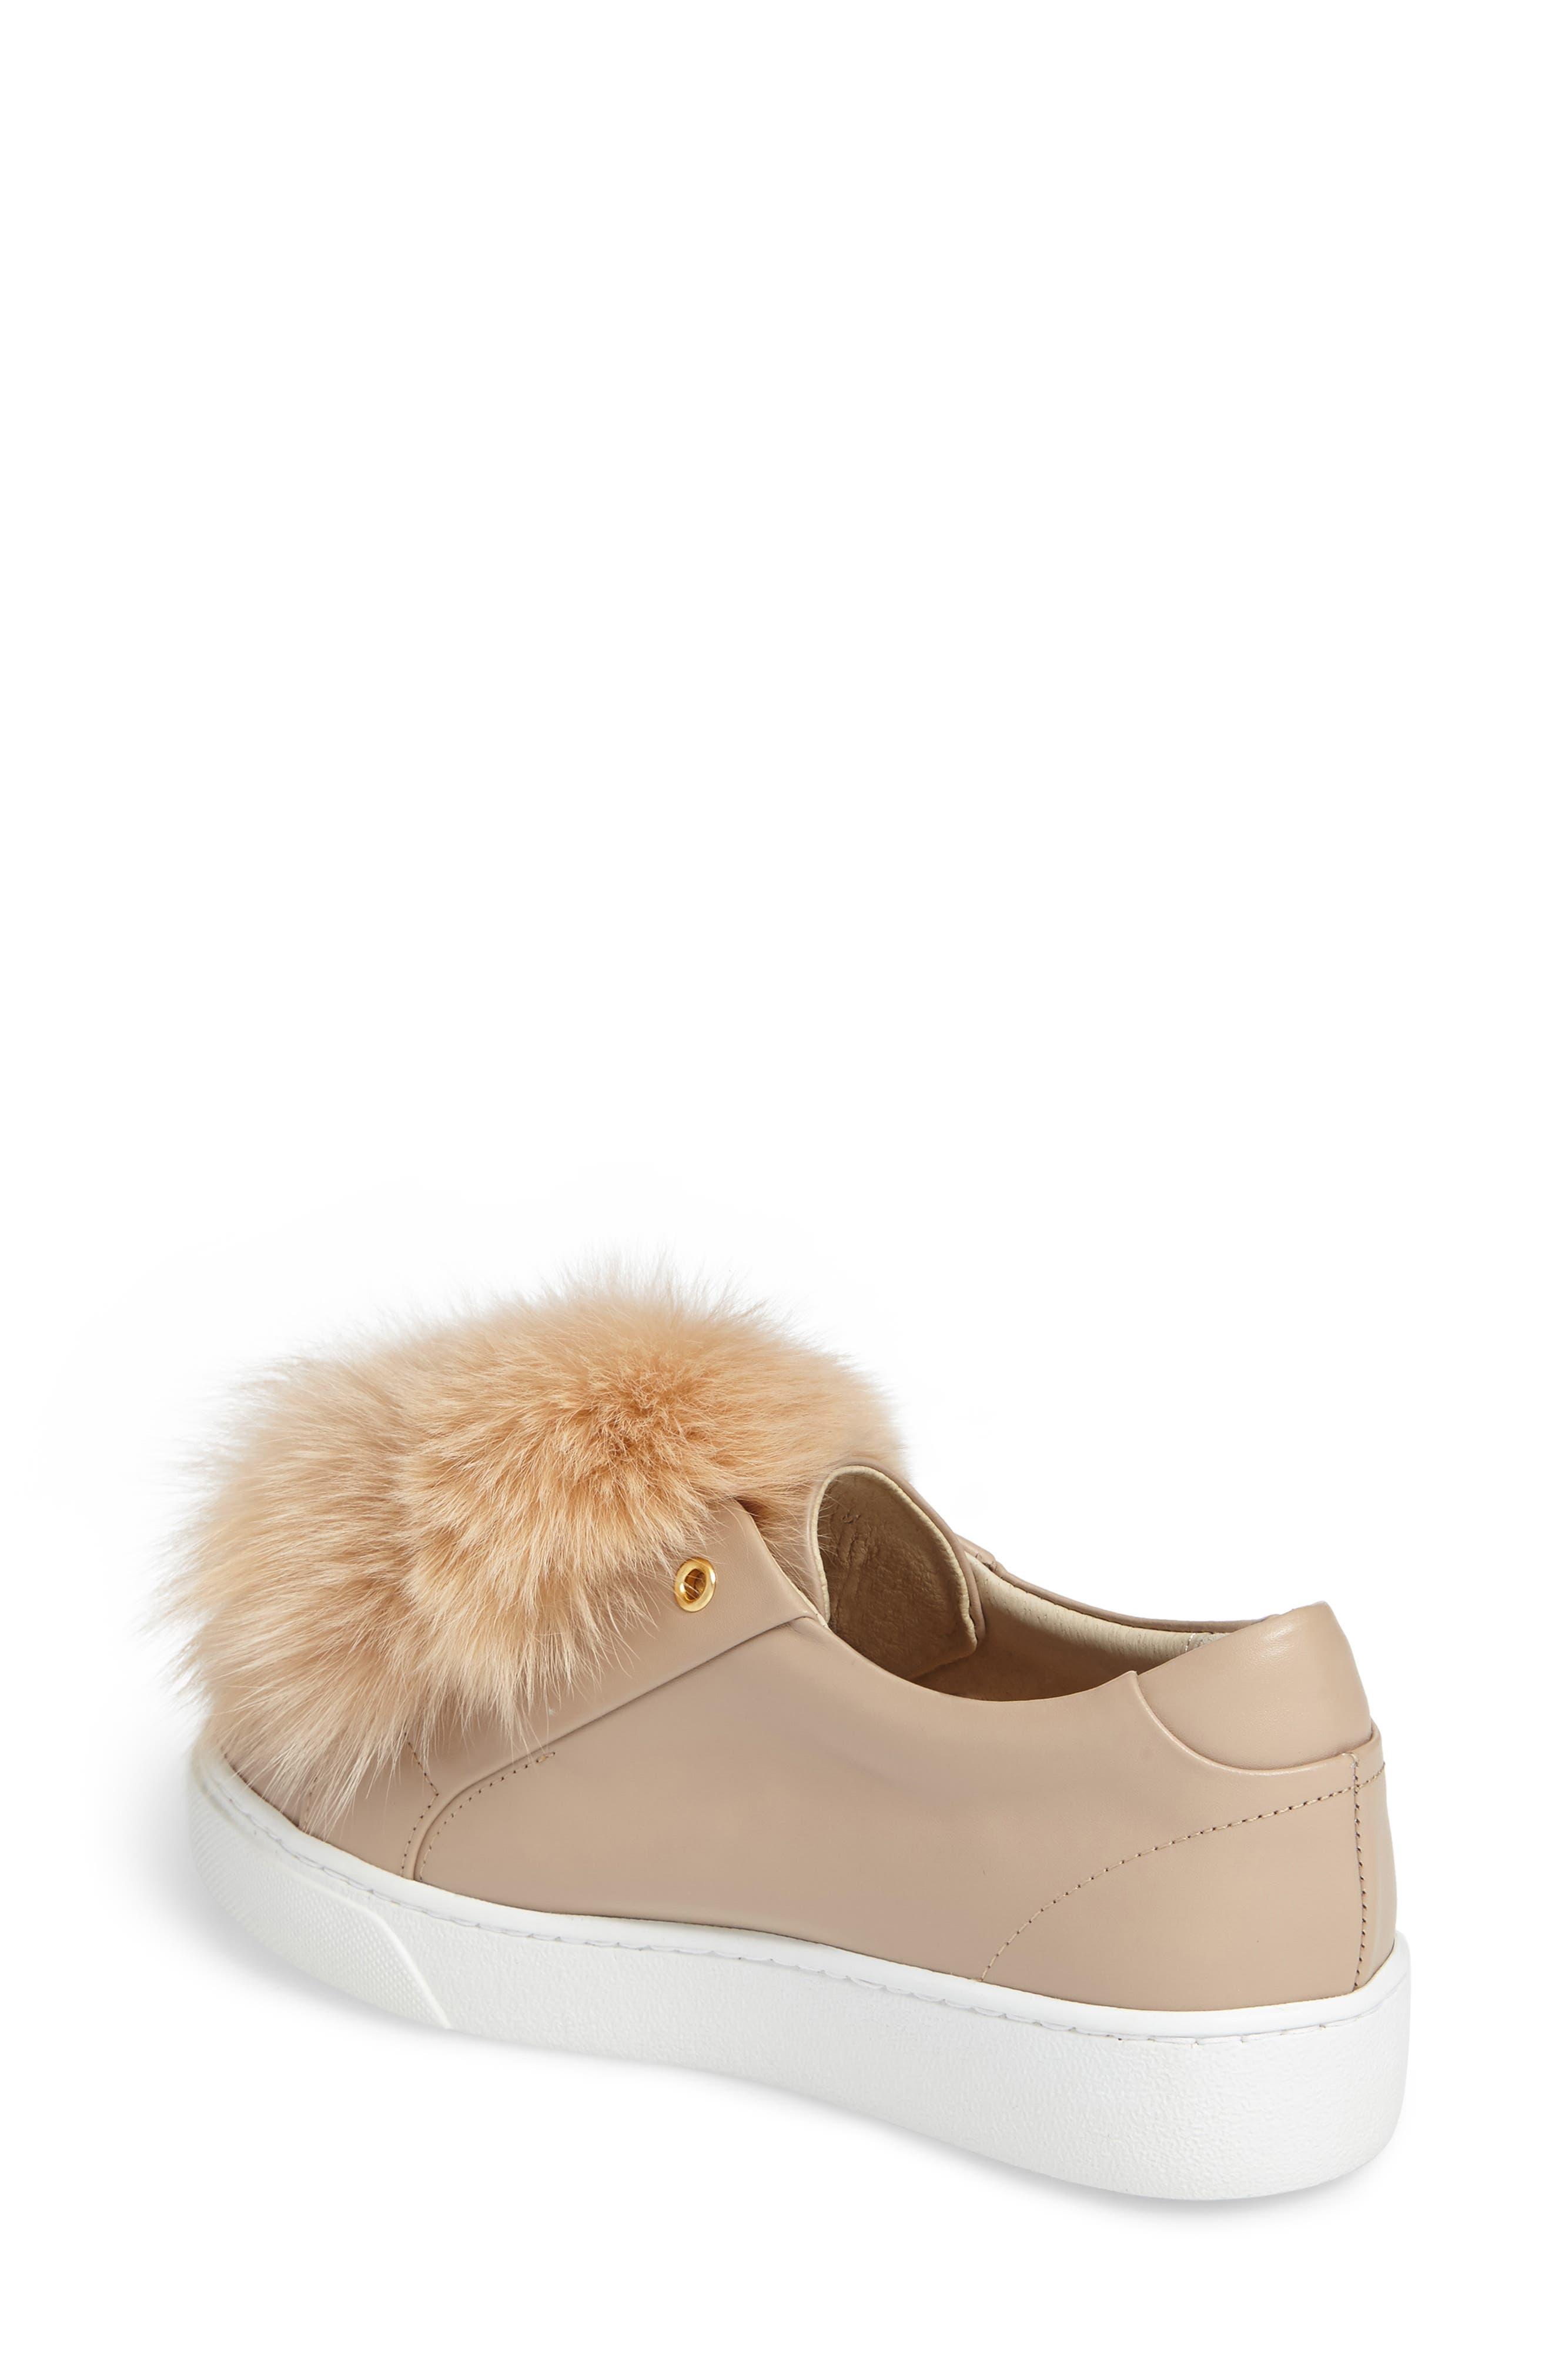 Arian Genuine Fox Fur Trim Sneaker,                             Alternate thumbnail 2, color,                             250